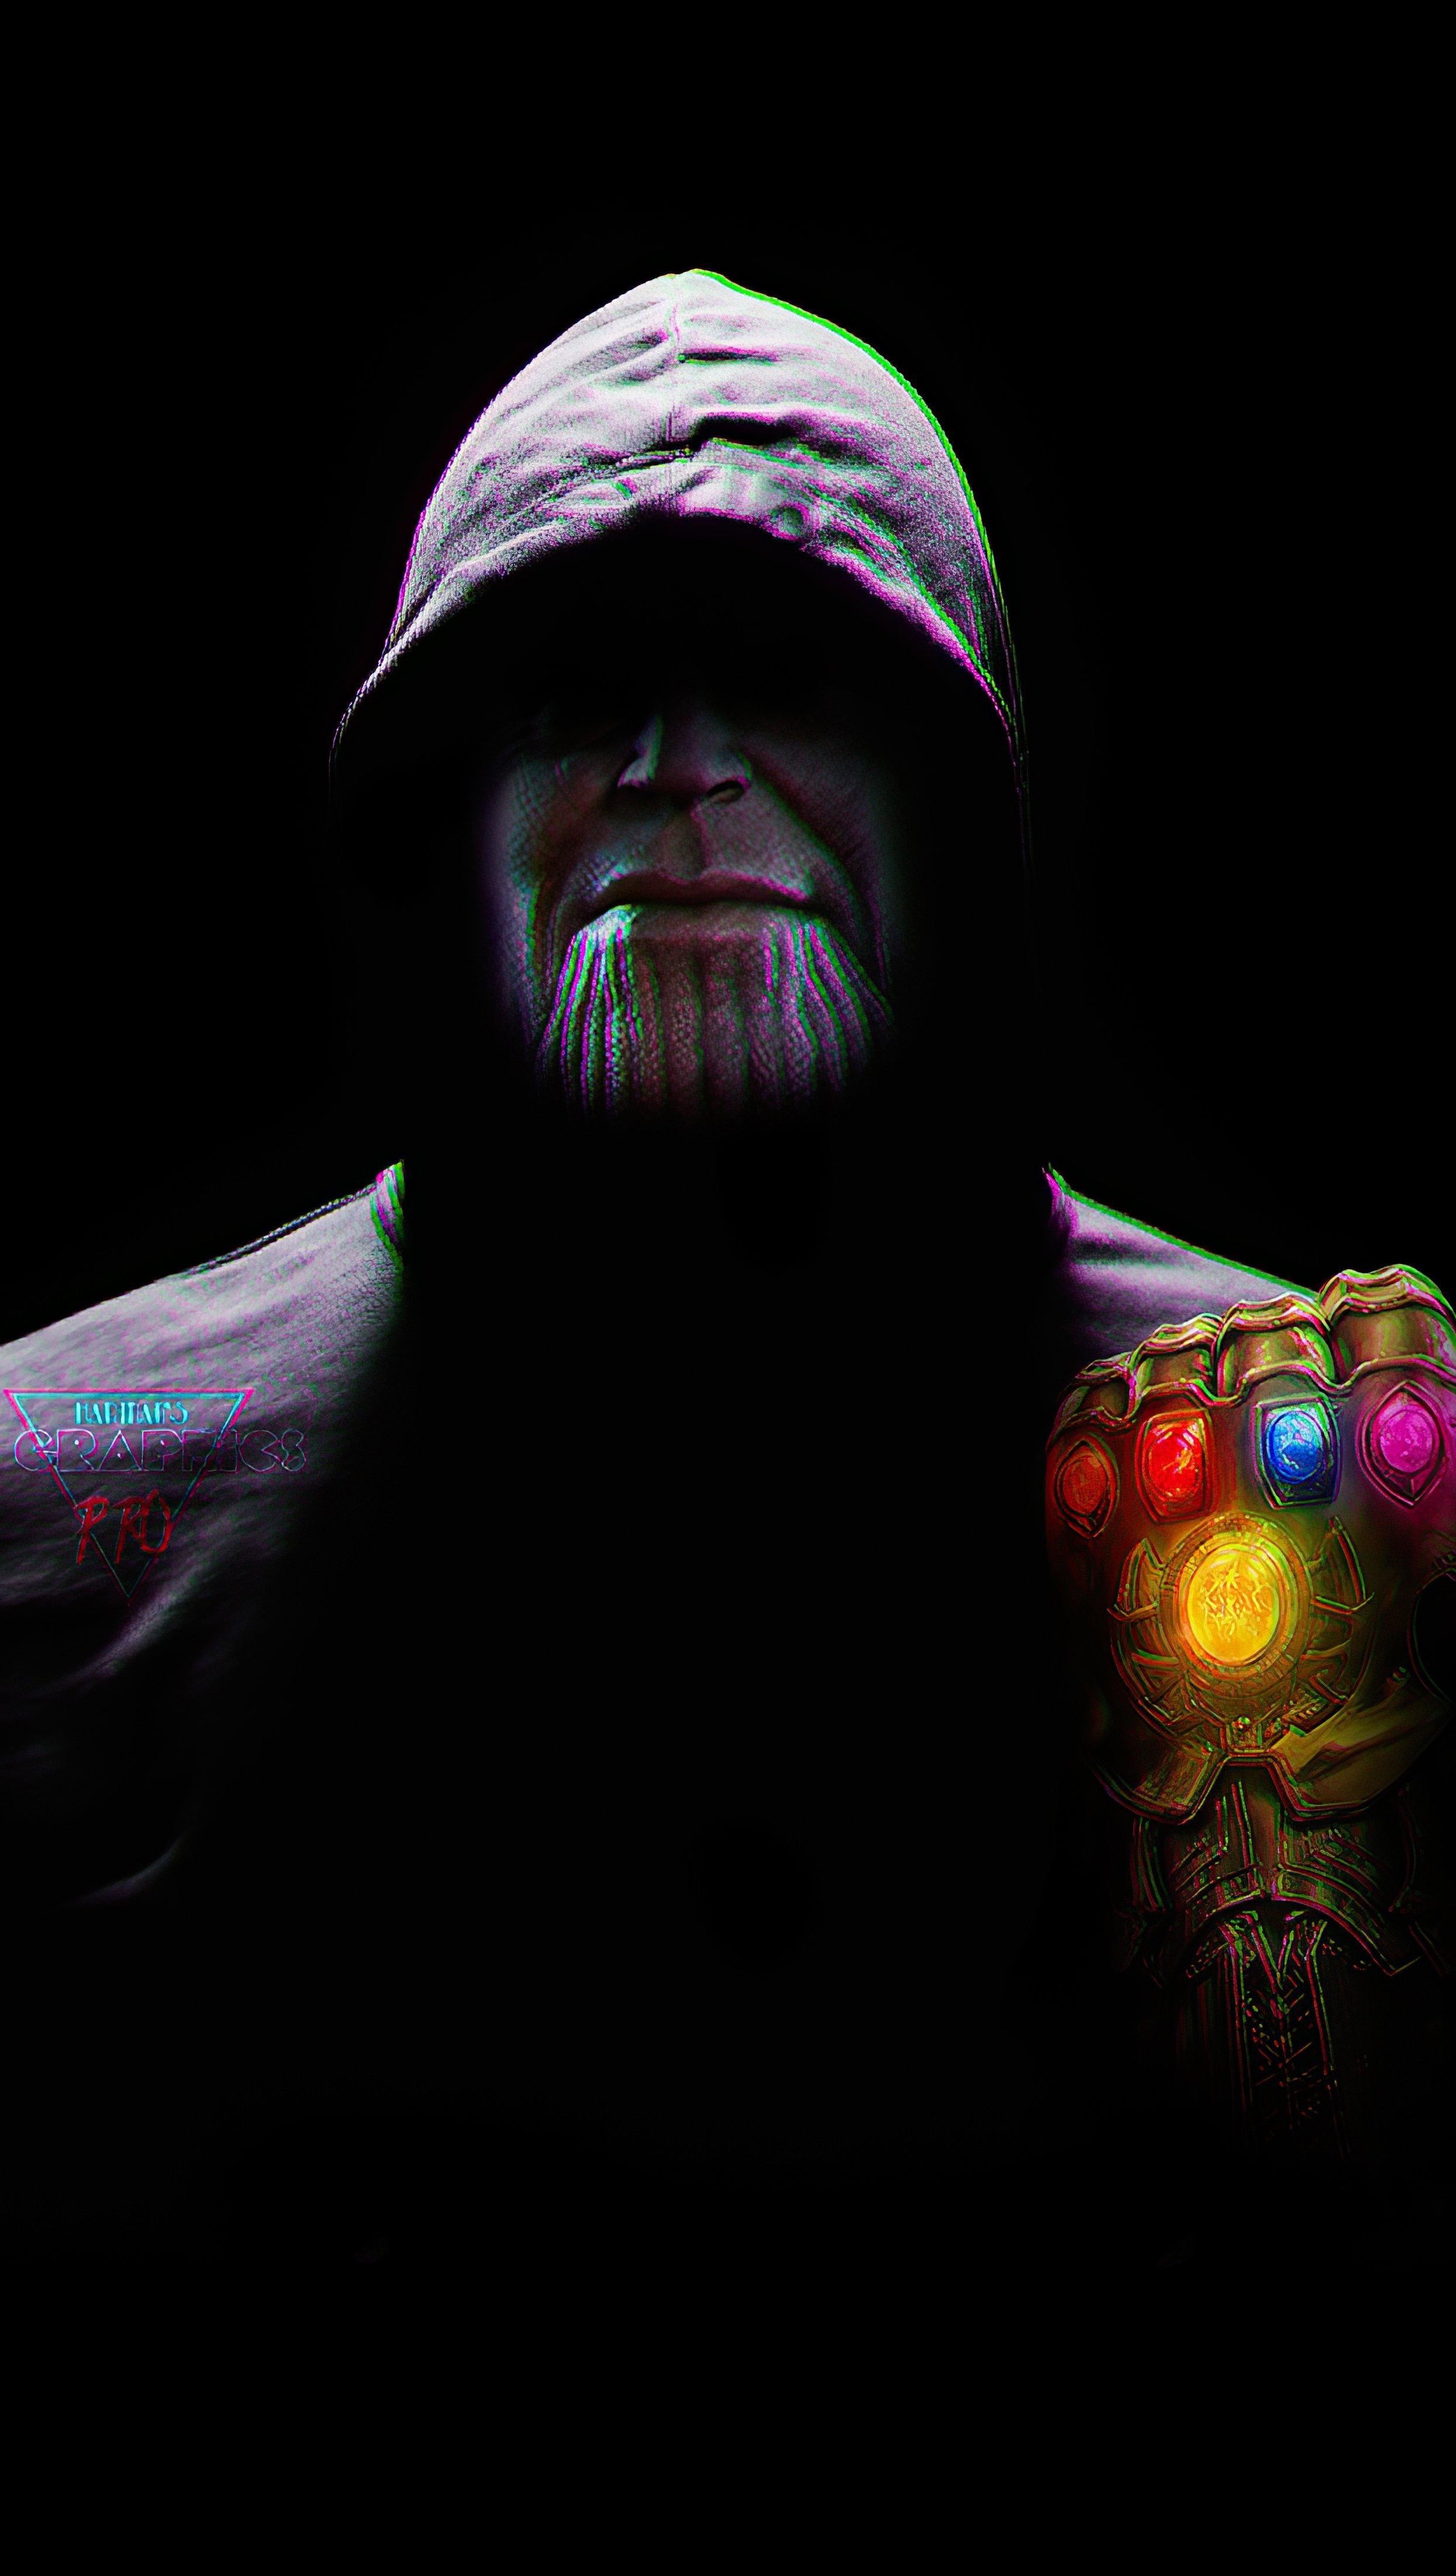 Fondos de pantalla Thanos con capucha Vertical